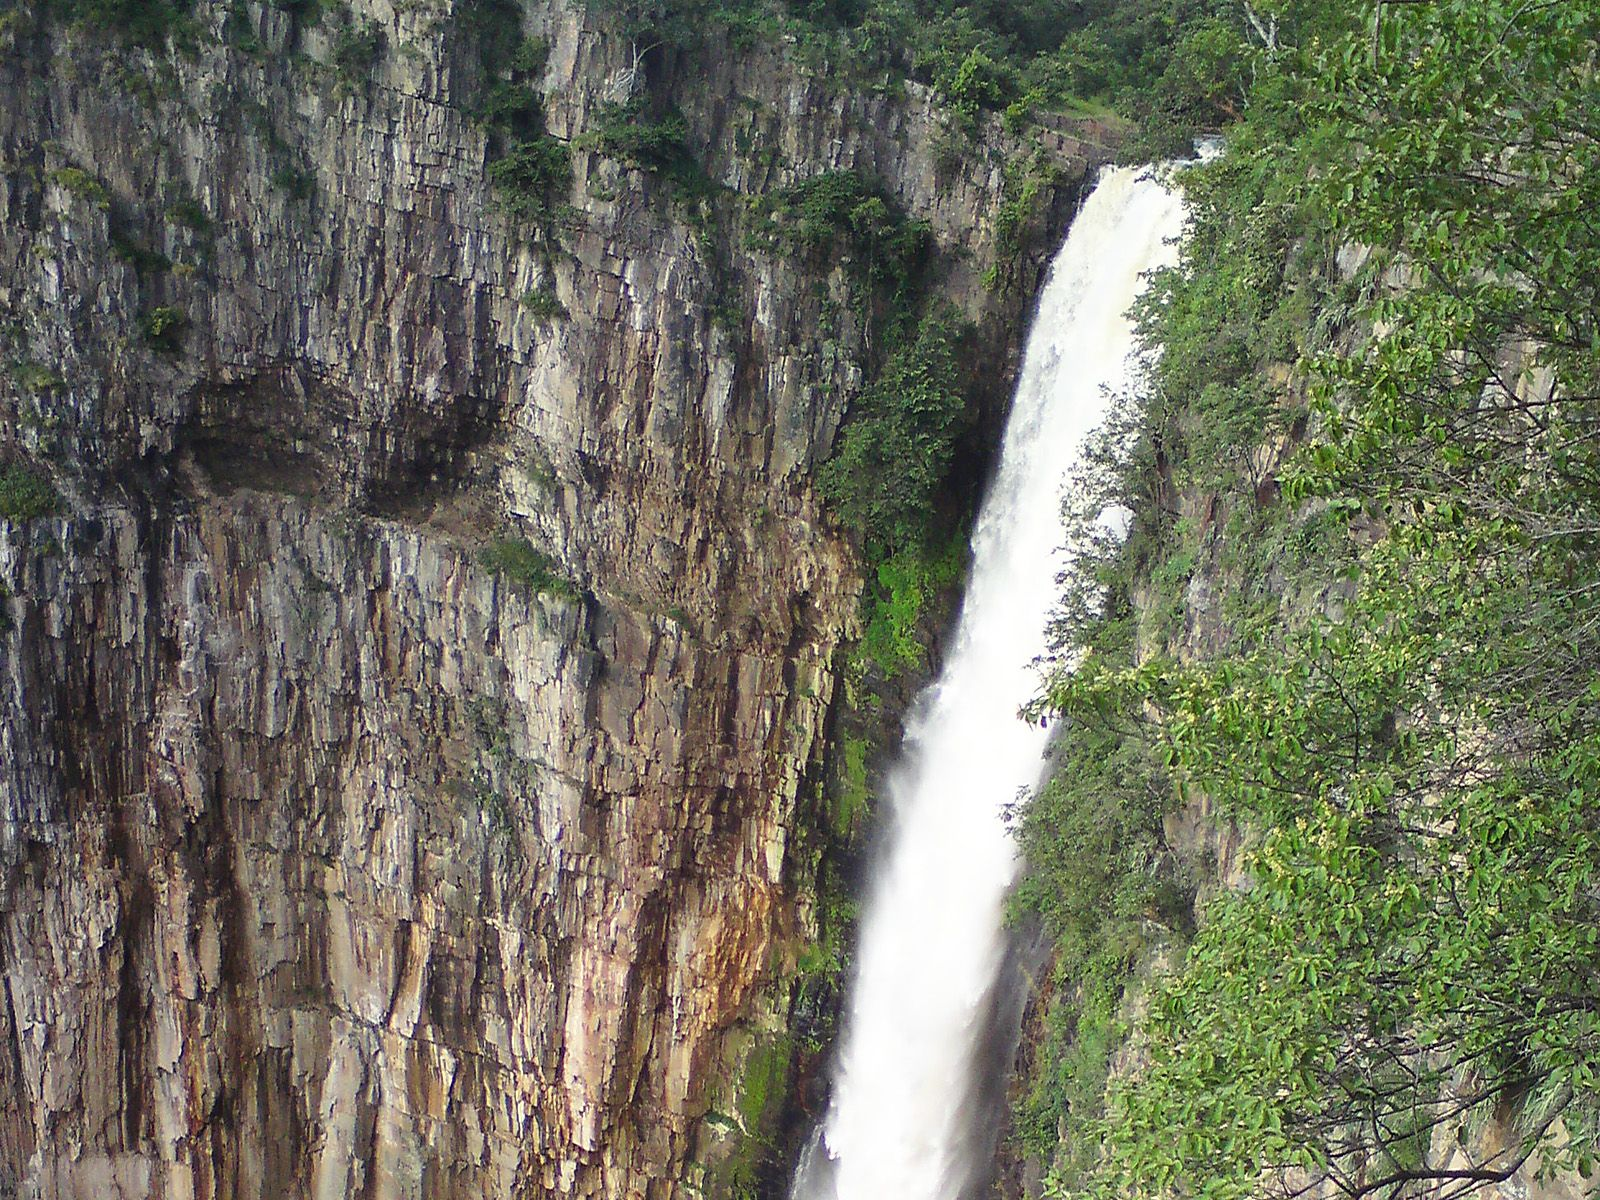 Ниже по течению от водопада река